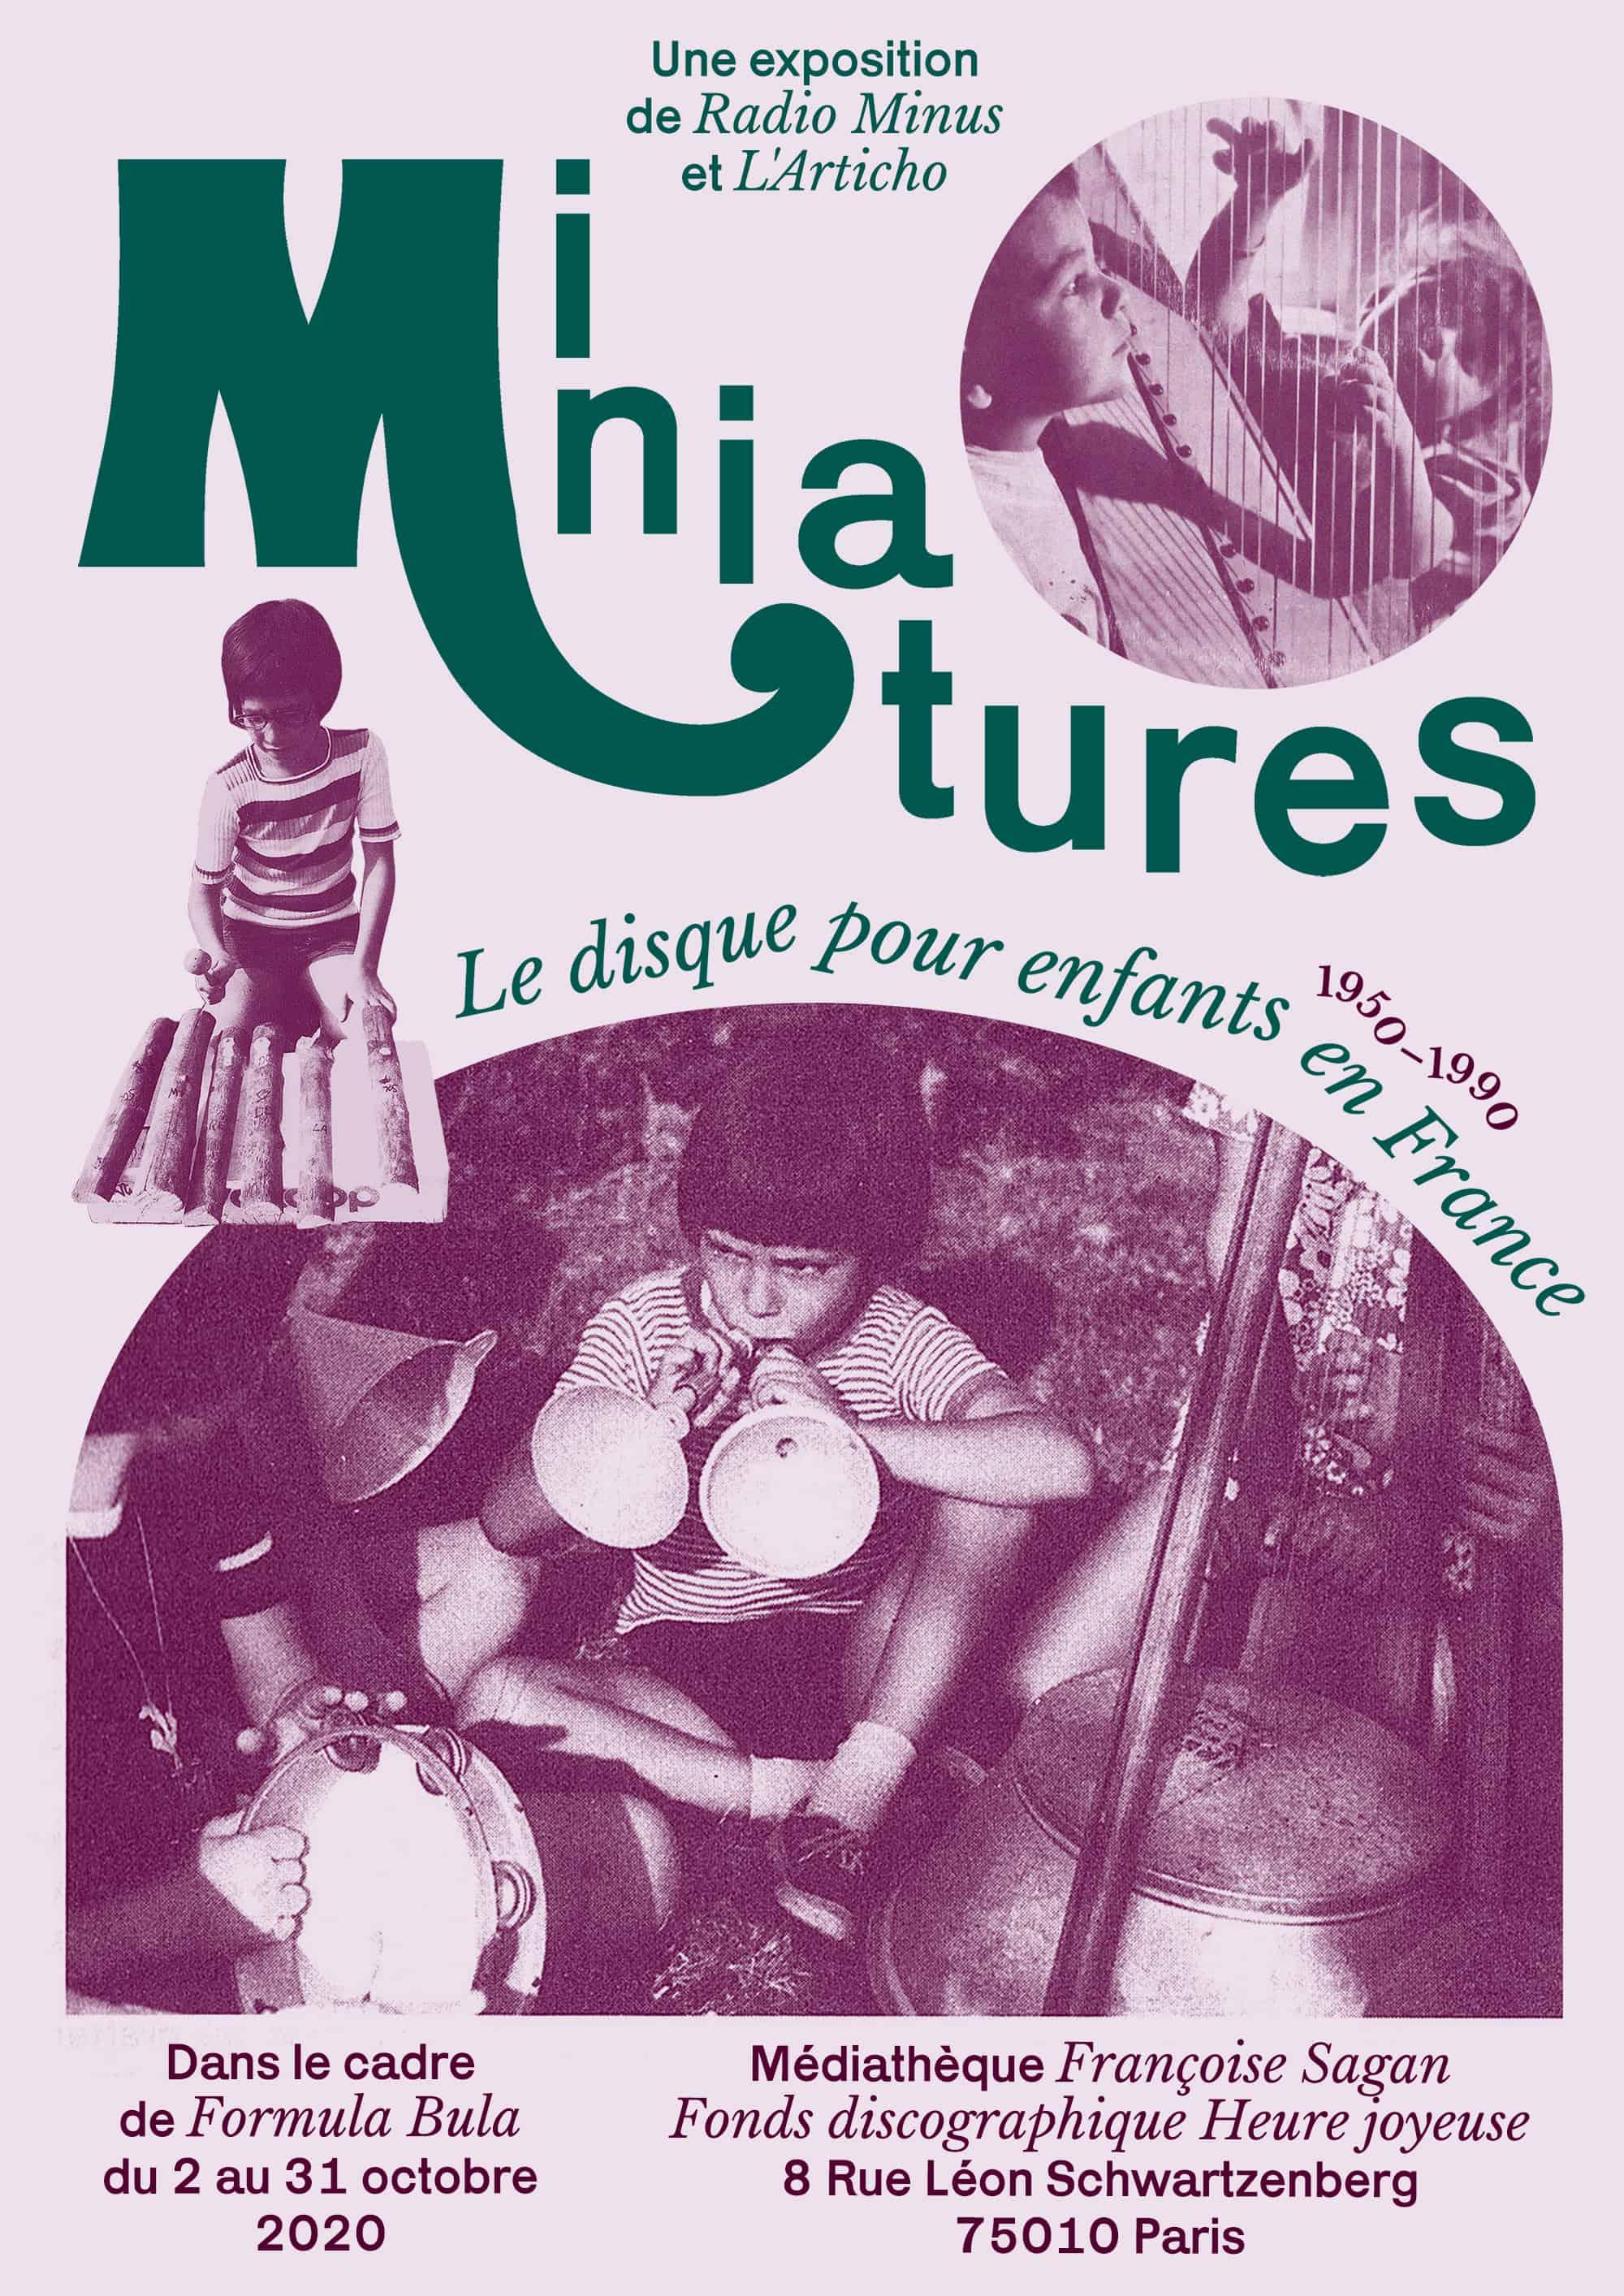 Affiche exposition Miniatures